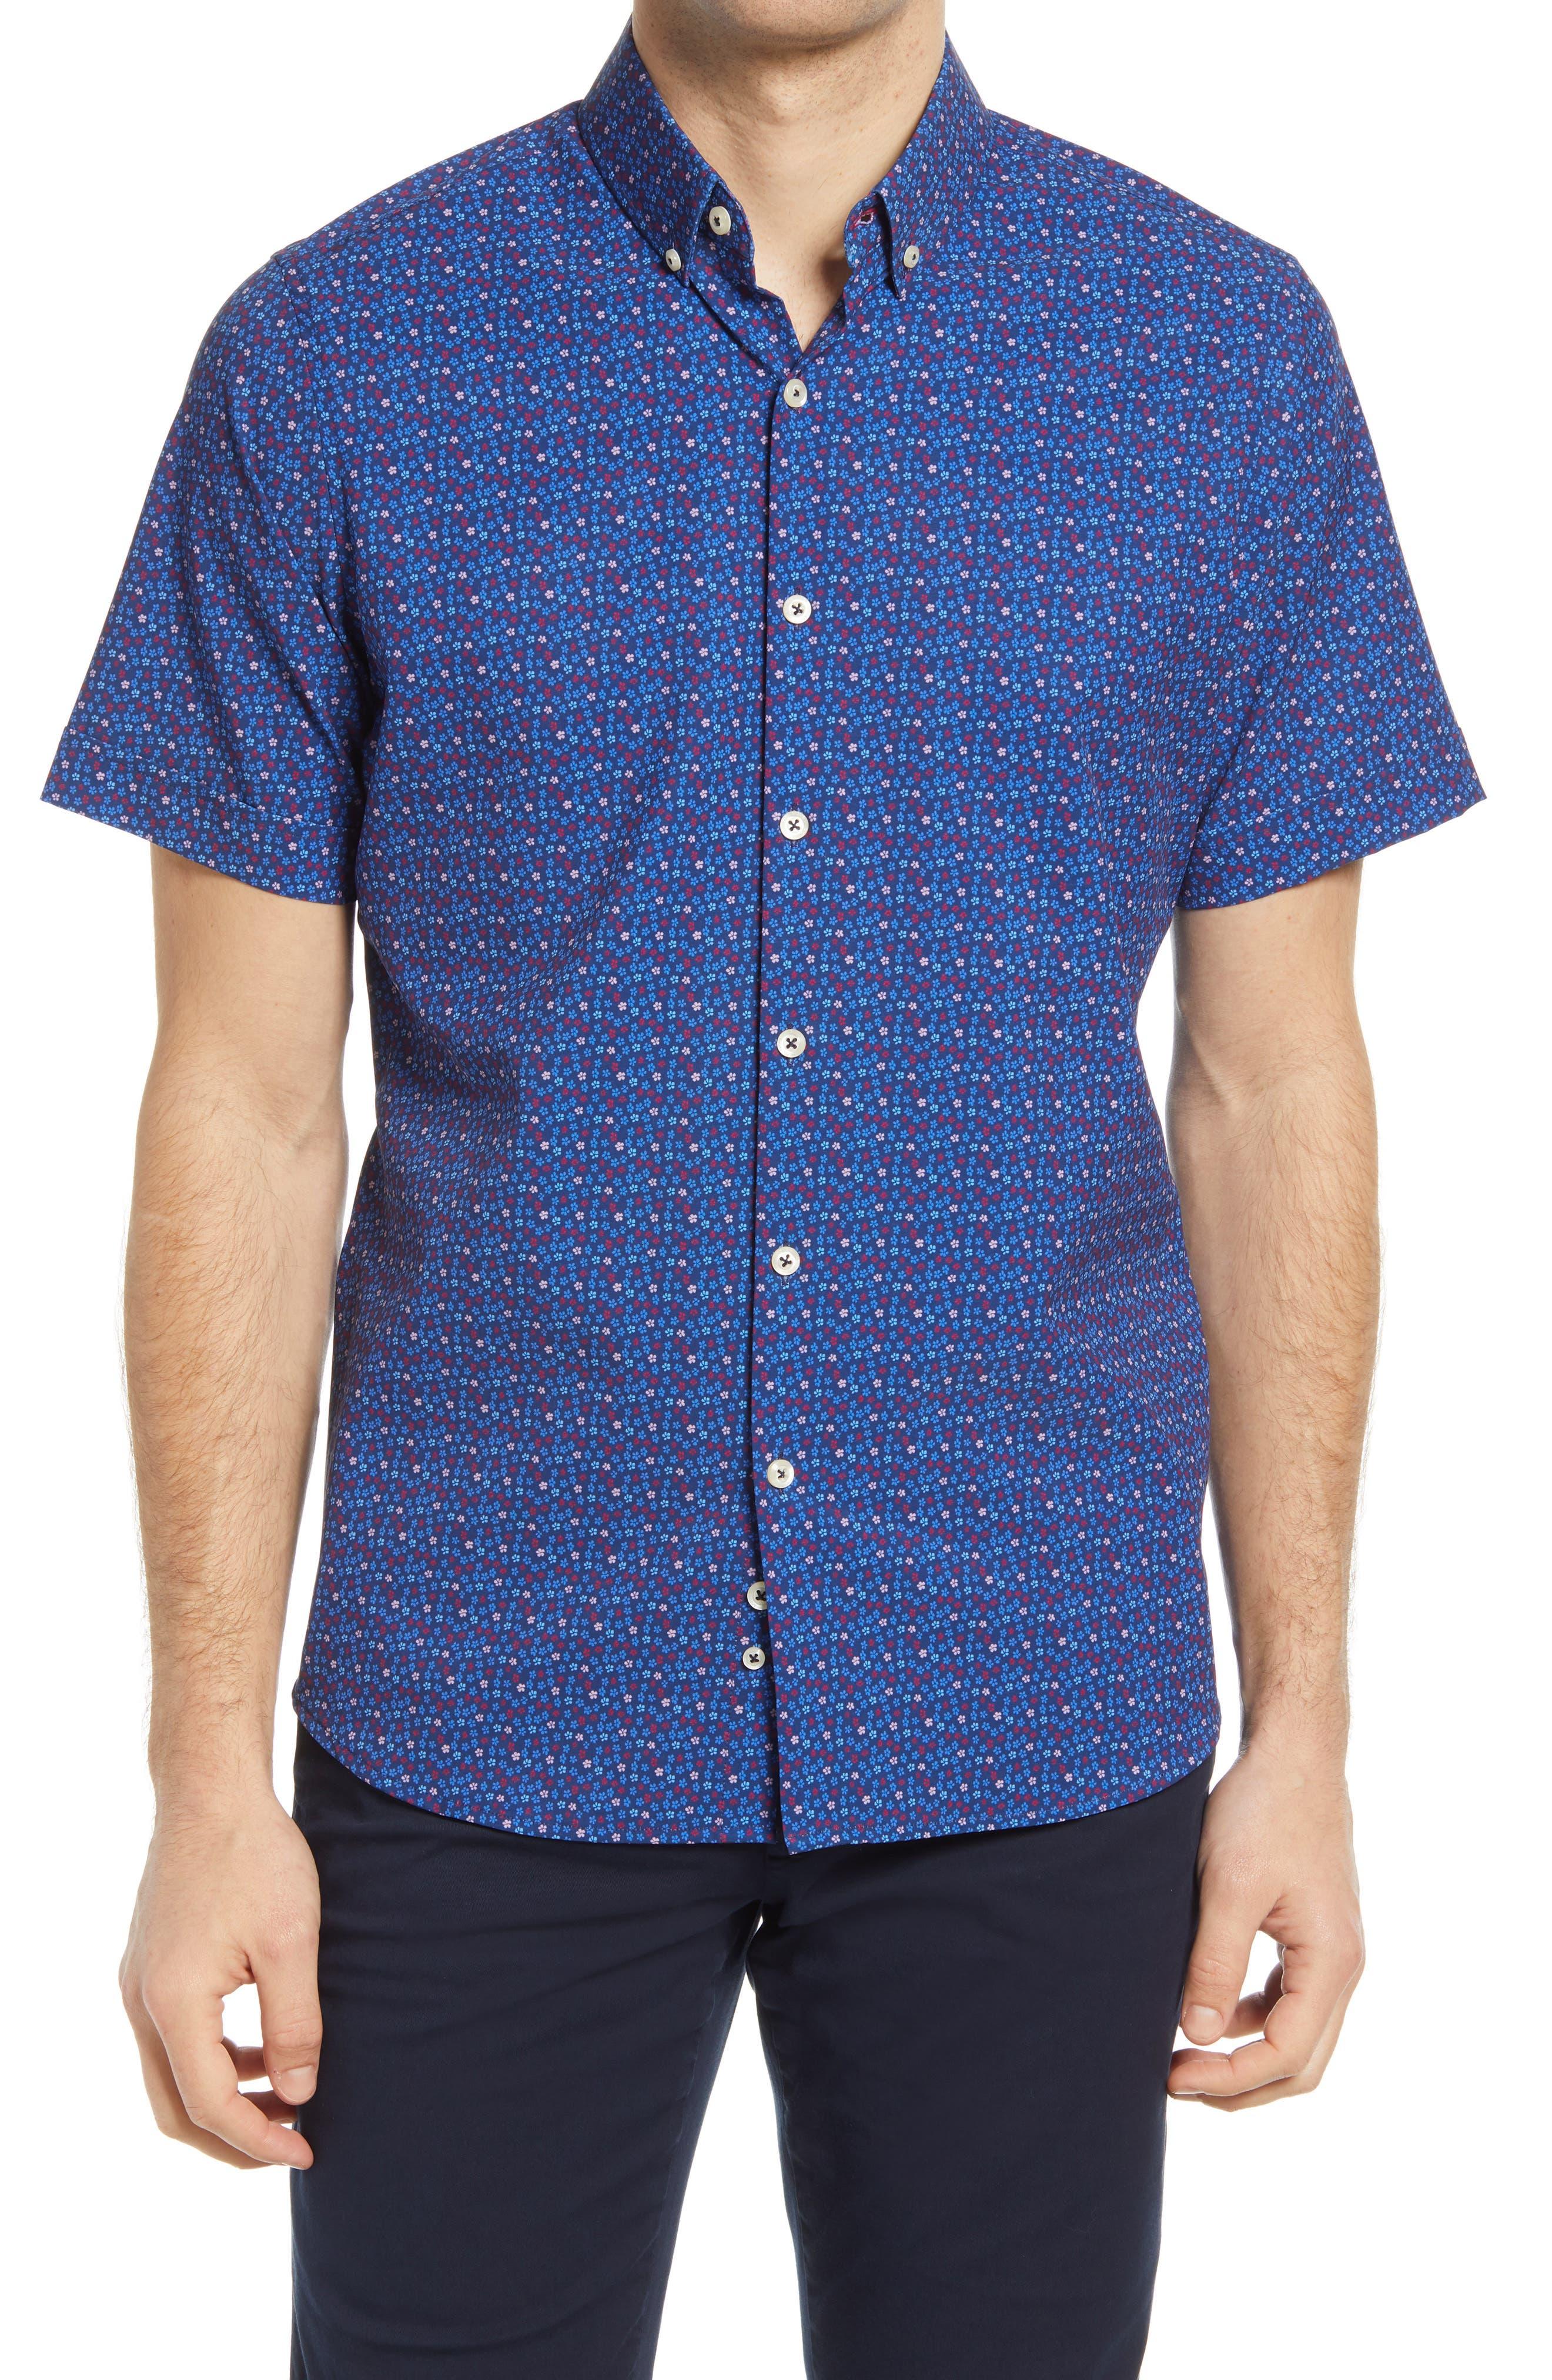 Regular Fit Short Sleeve Button-Up Performance Shirt